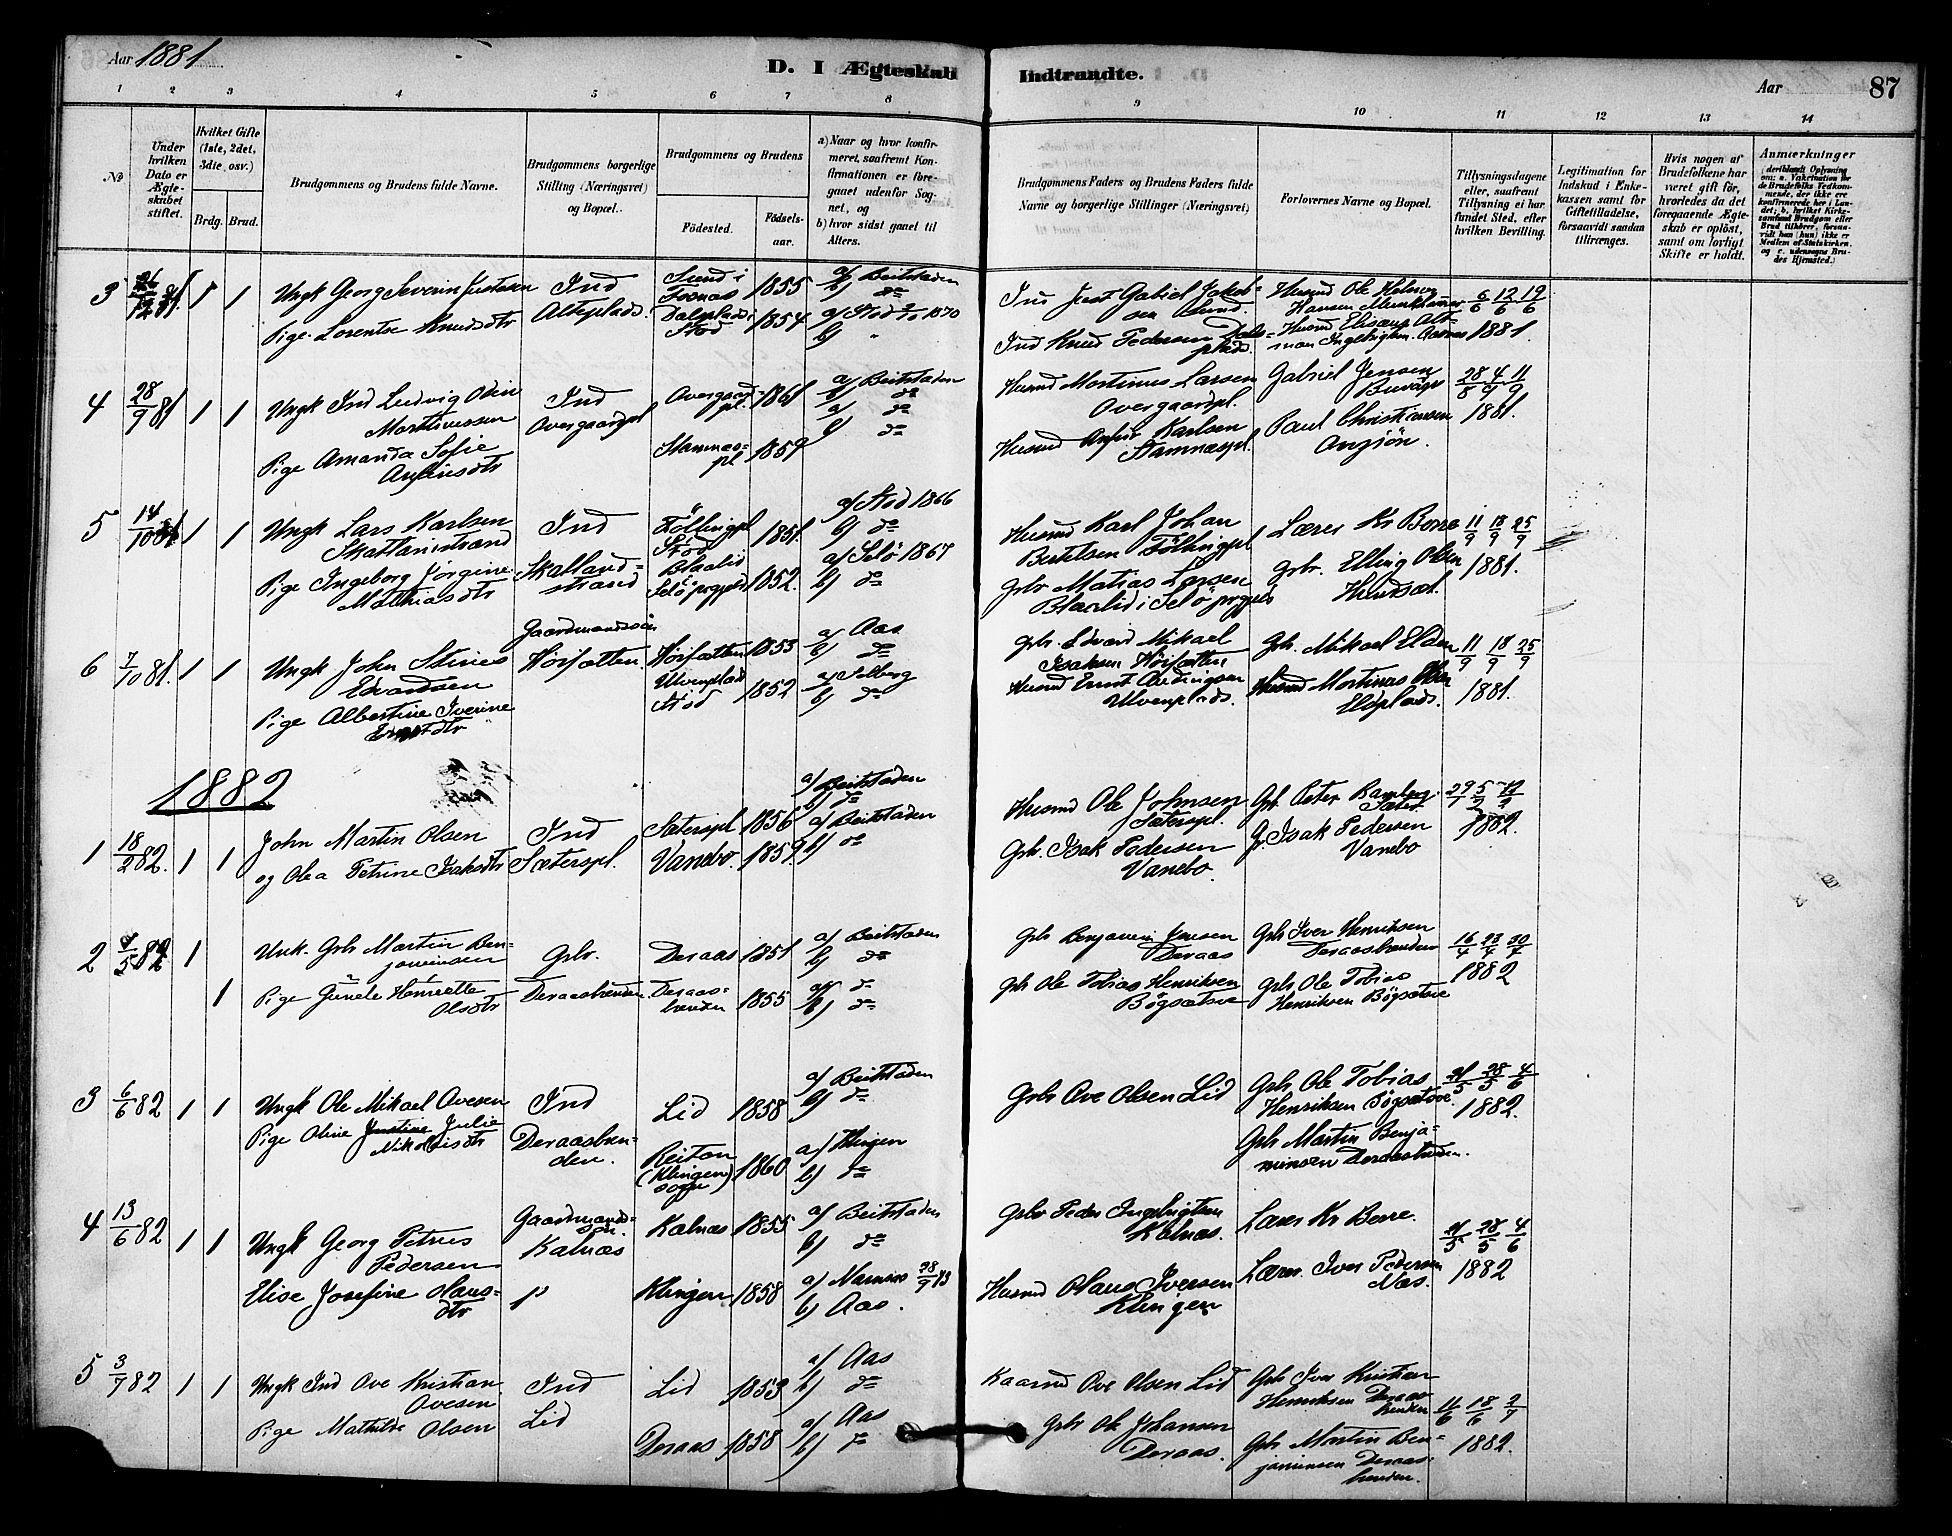 SAT, Ministerialprotokoller, klokkerbøker og fødselsregistre - Nord-Trøndelag, 742/L0408: Ministerialbok nr. 742A01, 1878-1890, s. 87